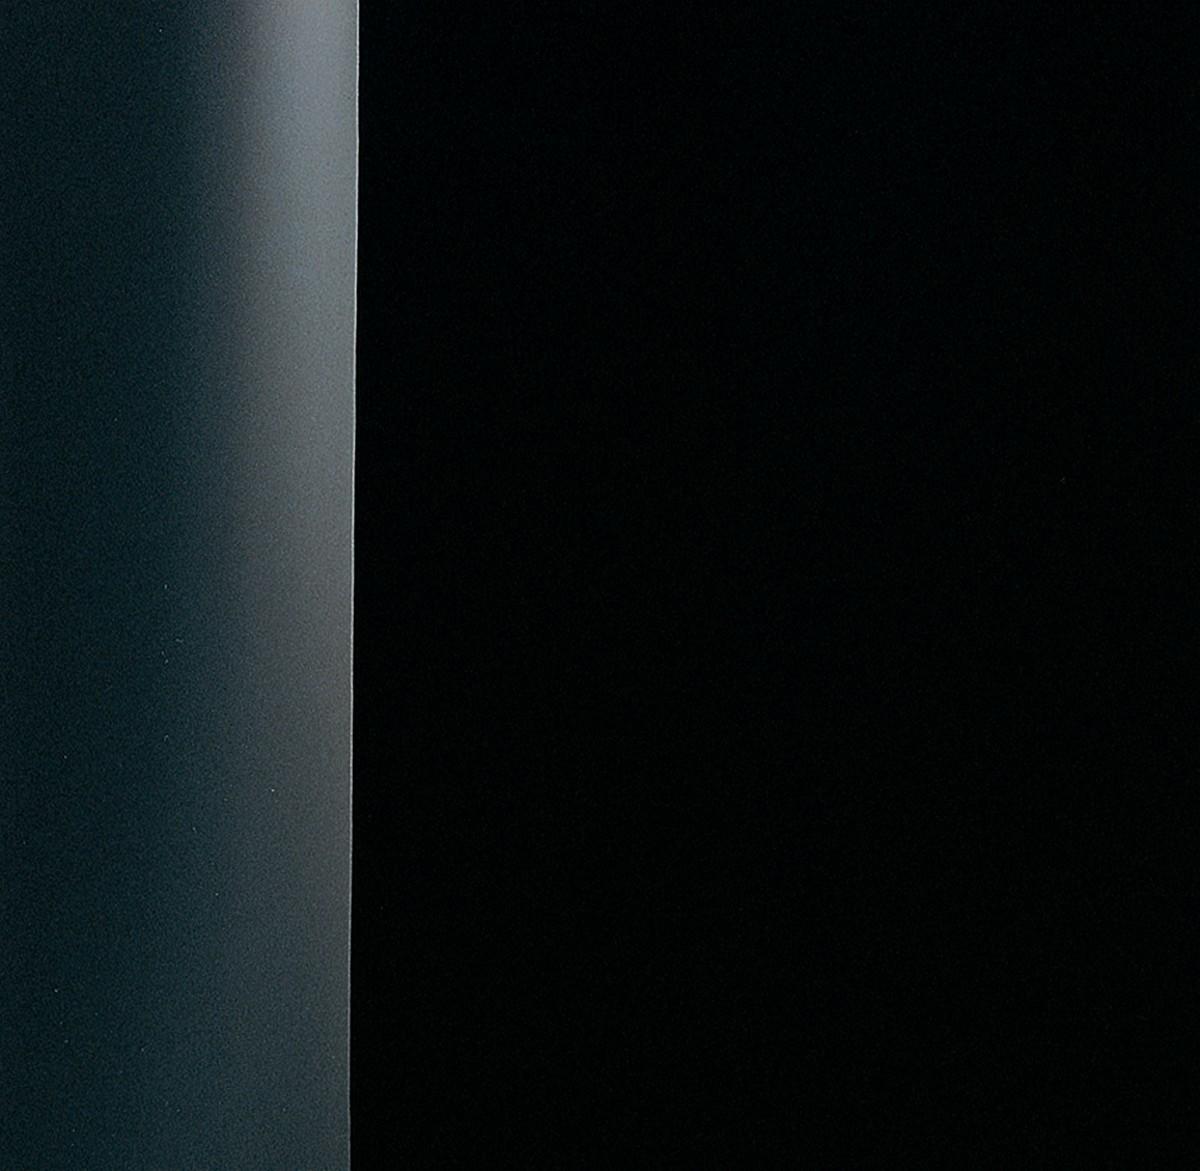 TAMA WBS52RZS-PBK - SHELL KIT - FINITURA PIANO BLACK